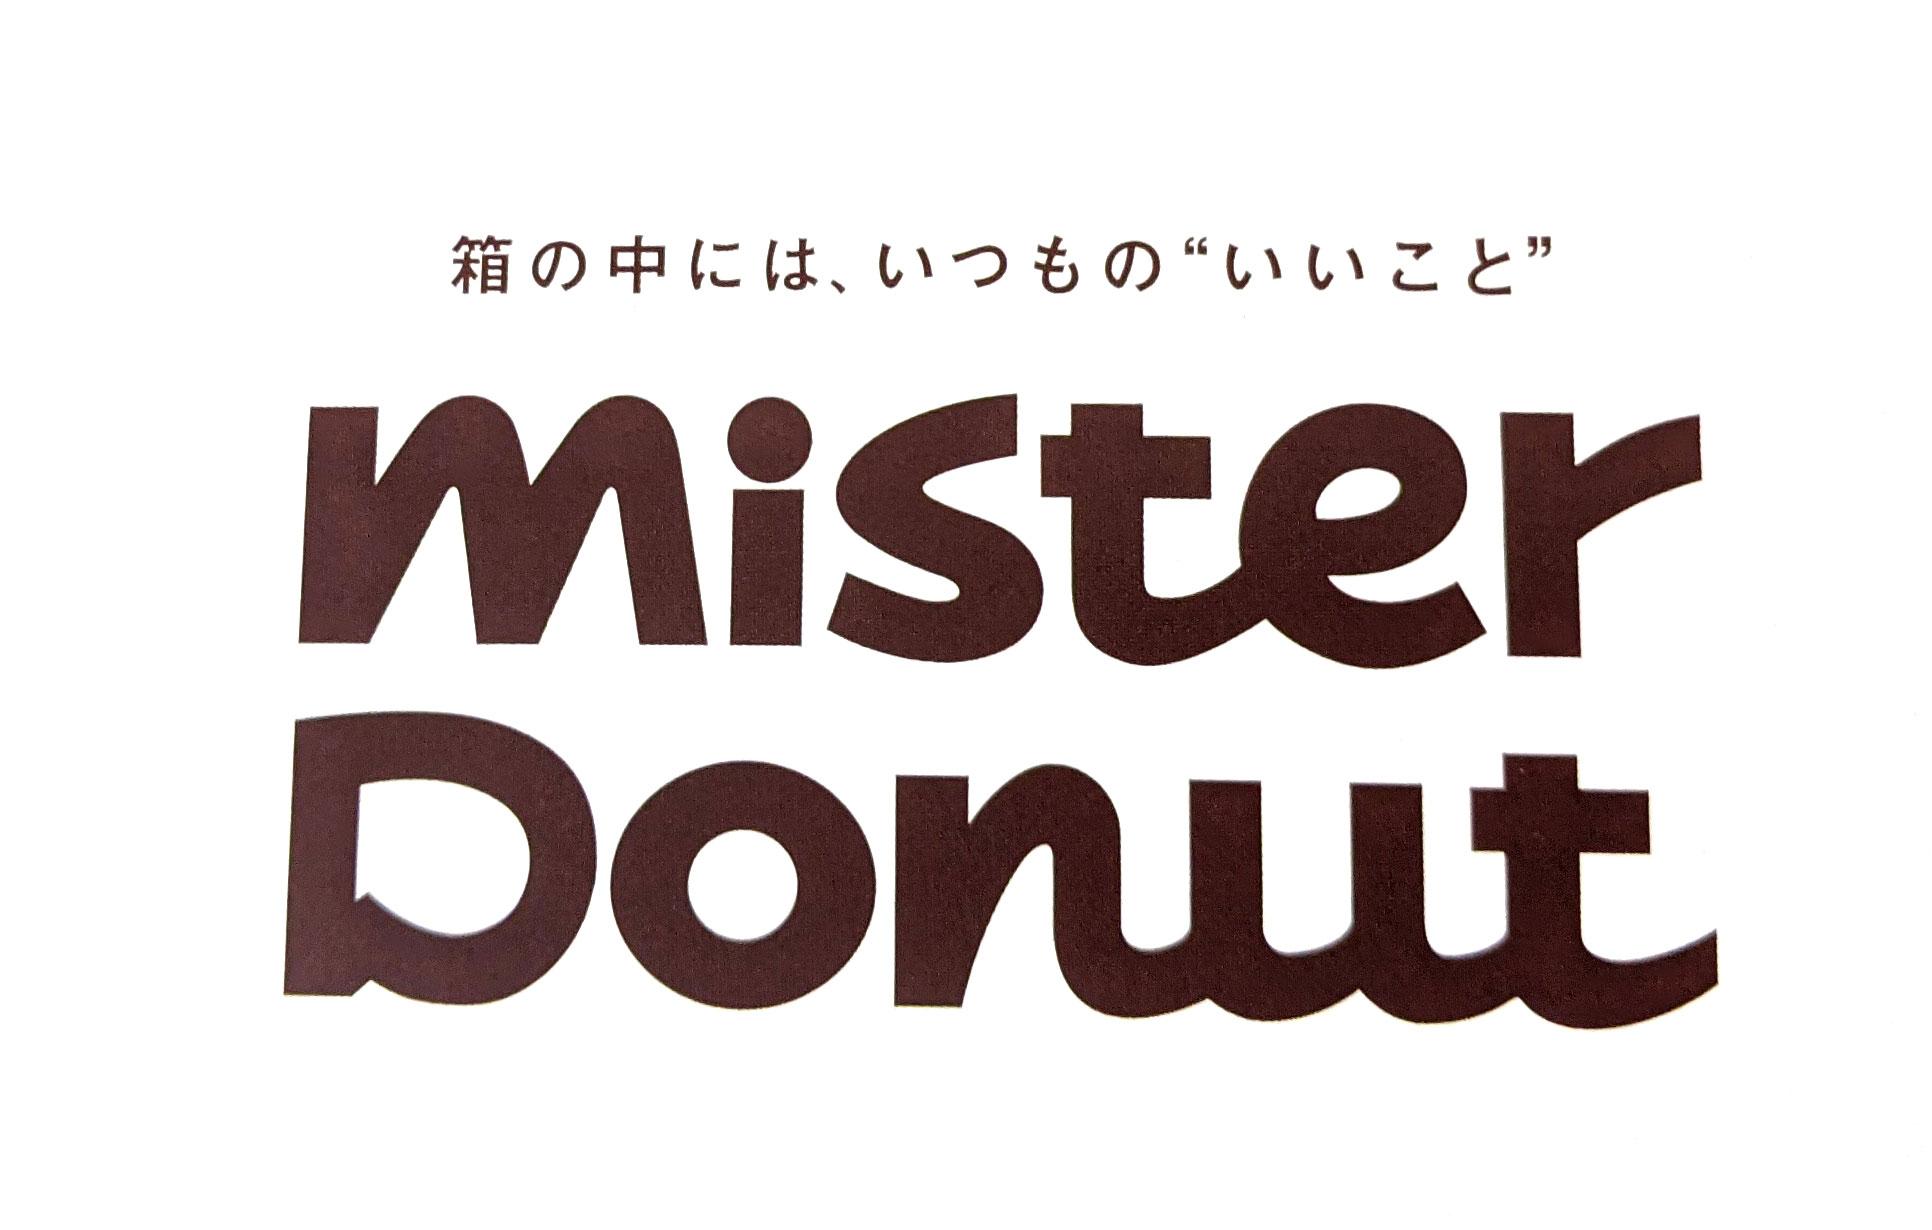 ミスド ミスタードーナツ ベイク BAKE misdomeets zakuzaku クロッカンシュー